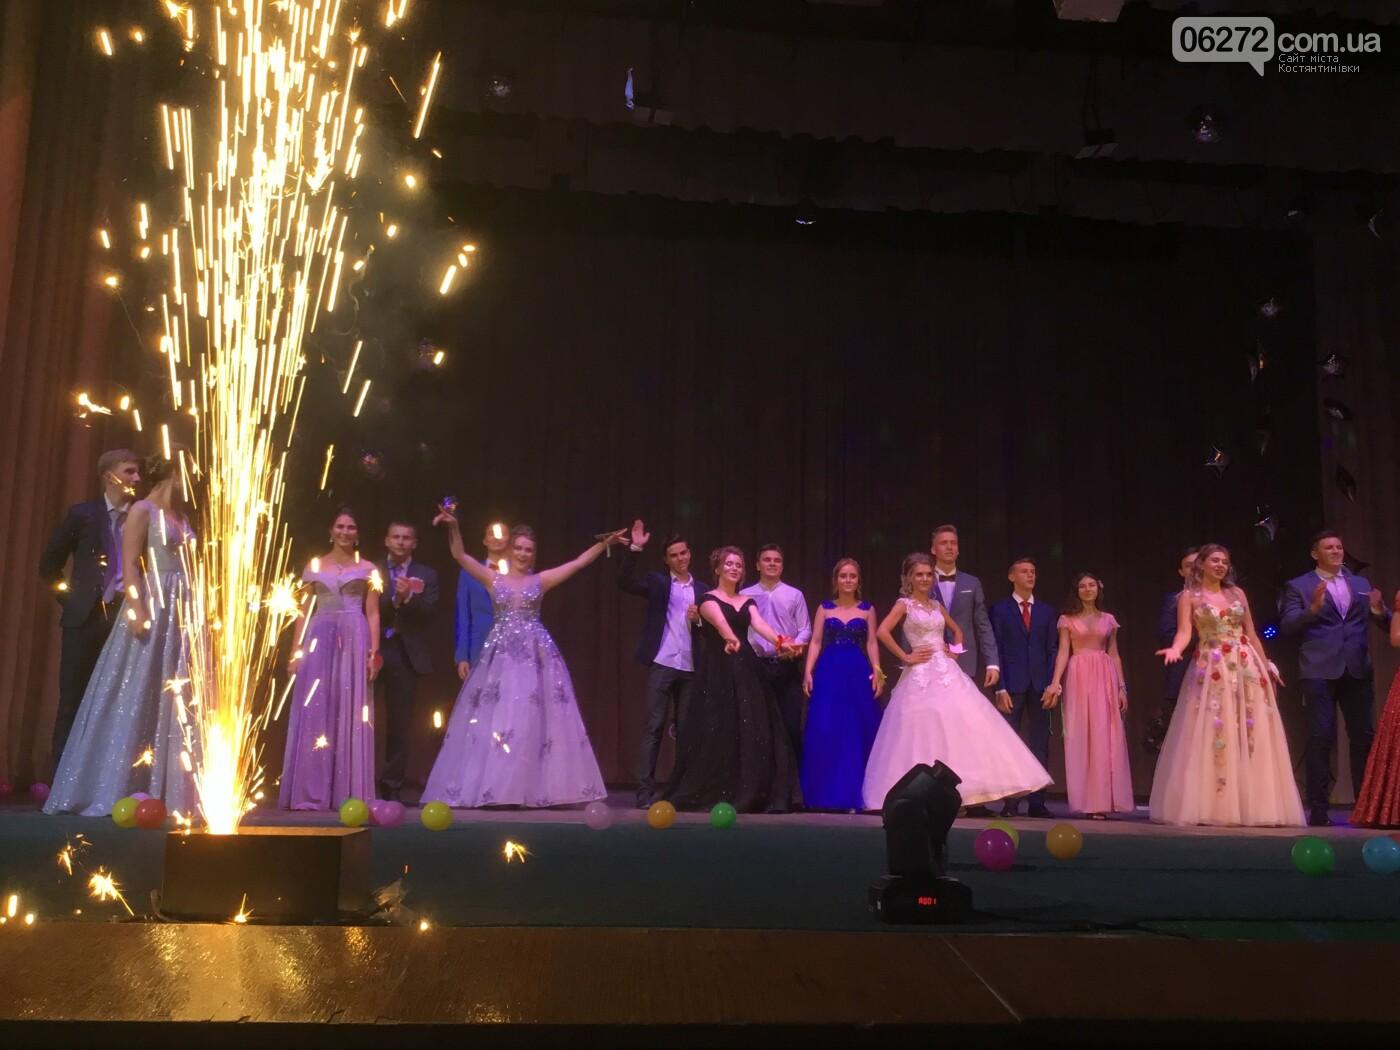 У Костянтинівці обрали Містера і Міс випуск-2019, фото-1